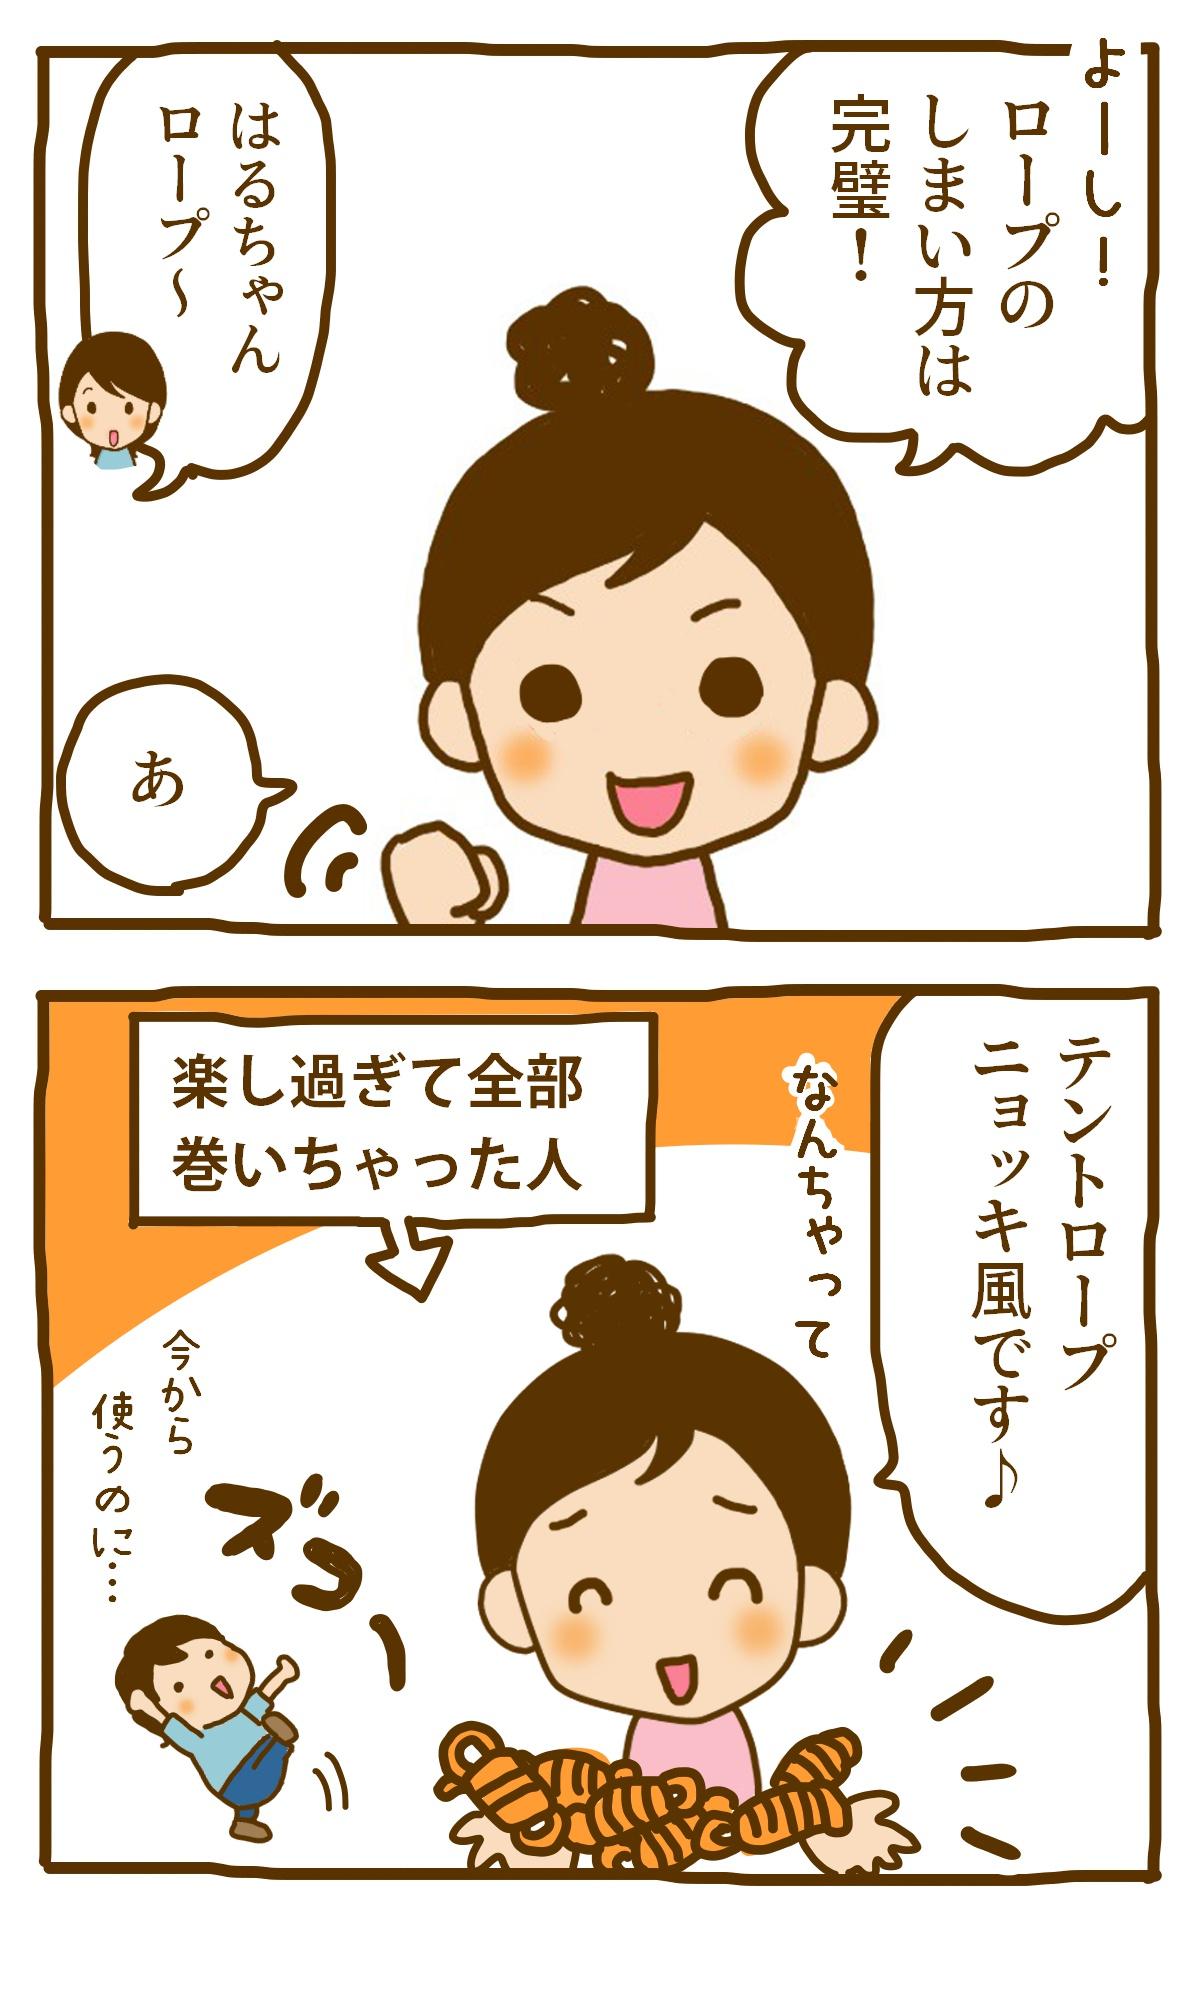 漫画131-2